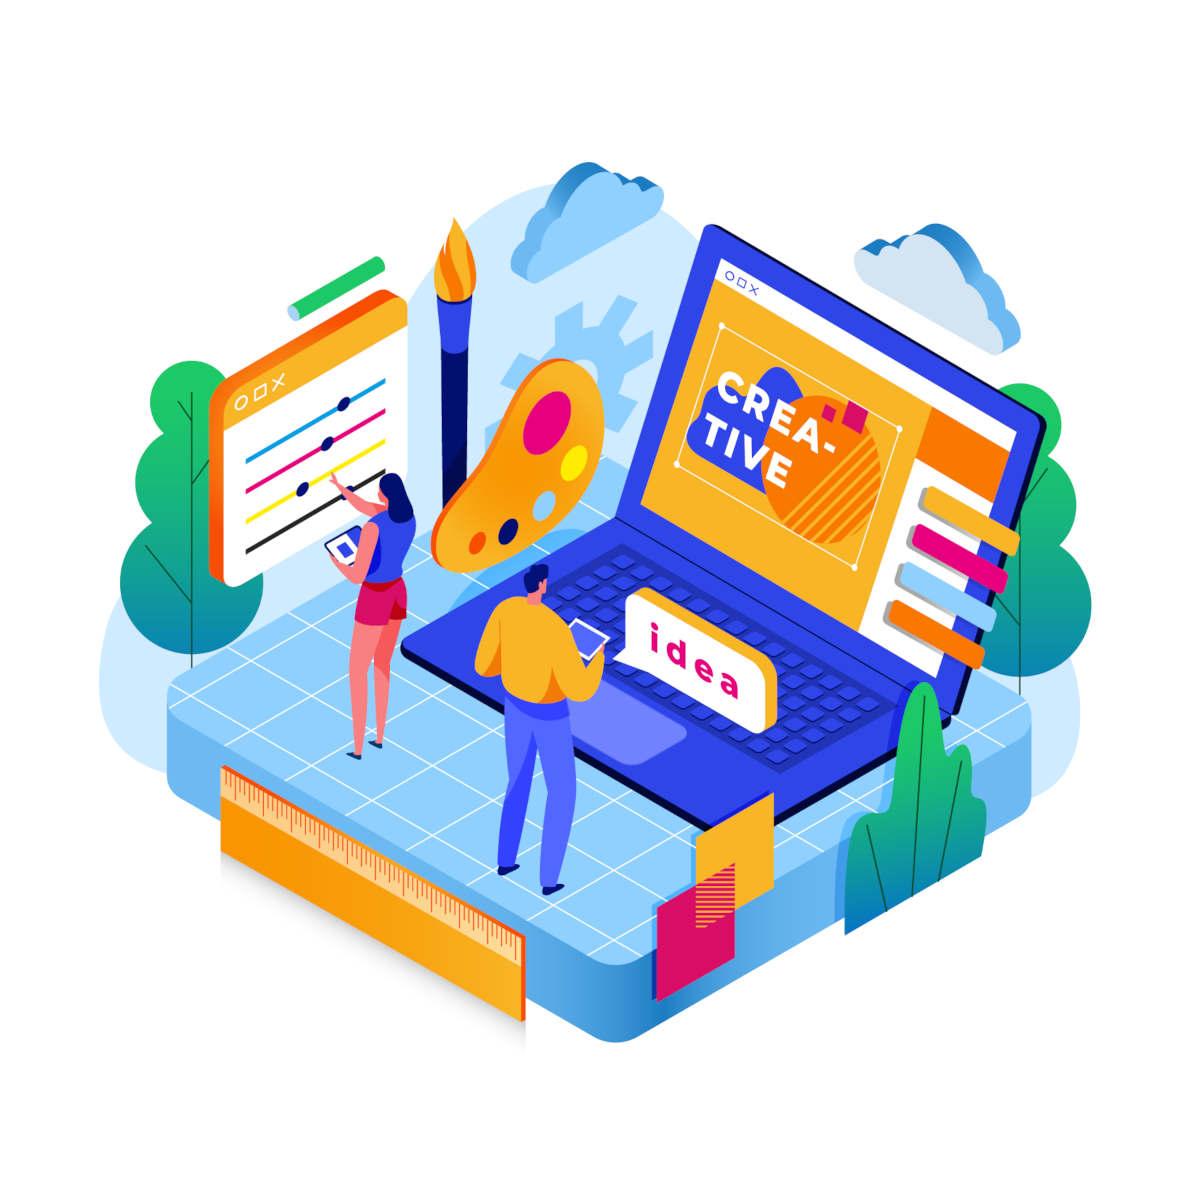 Web design per la realizzazione di siti web